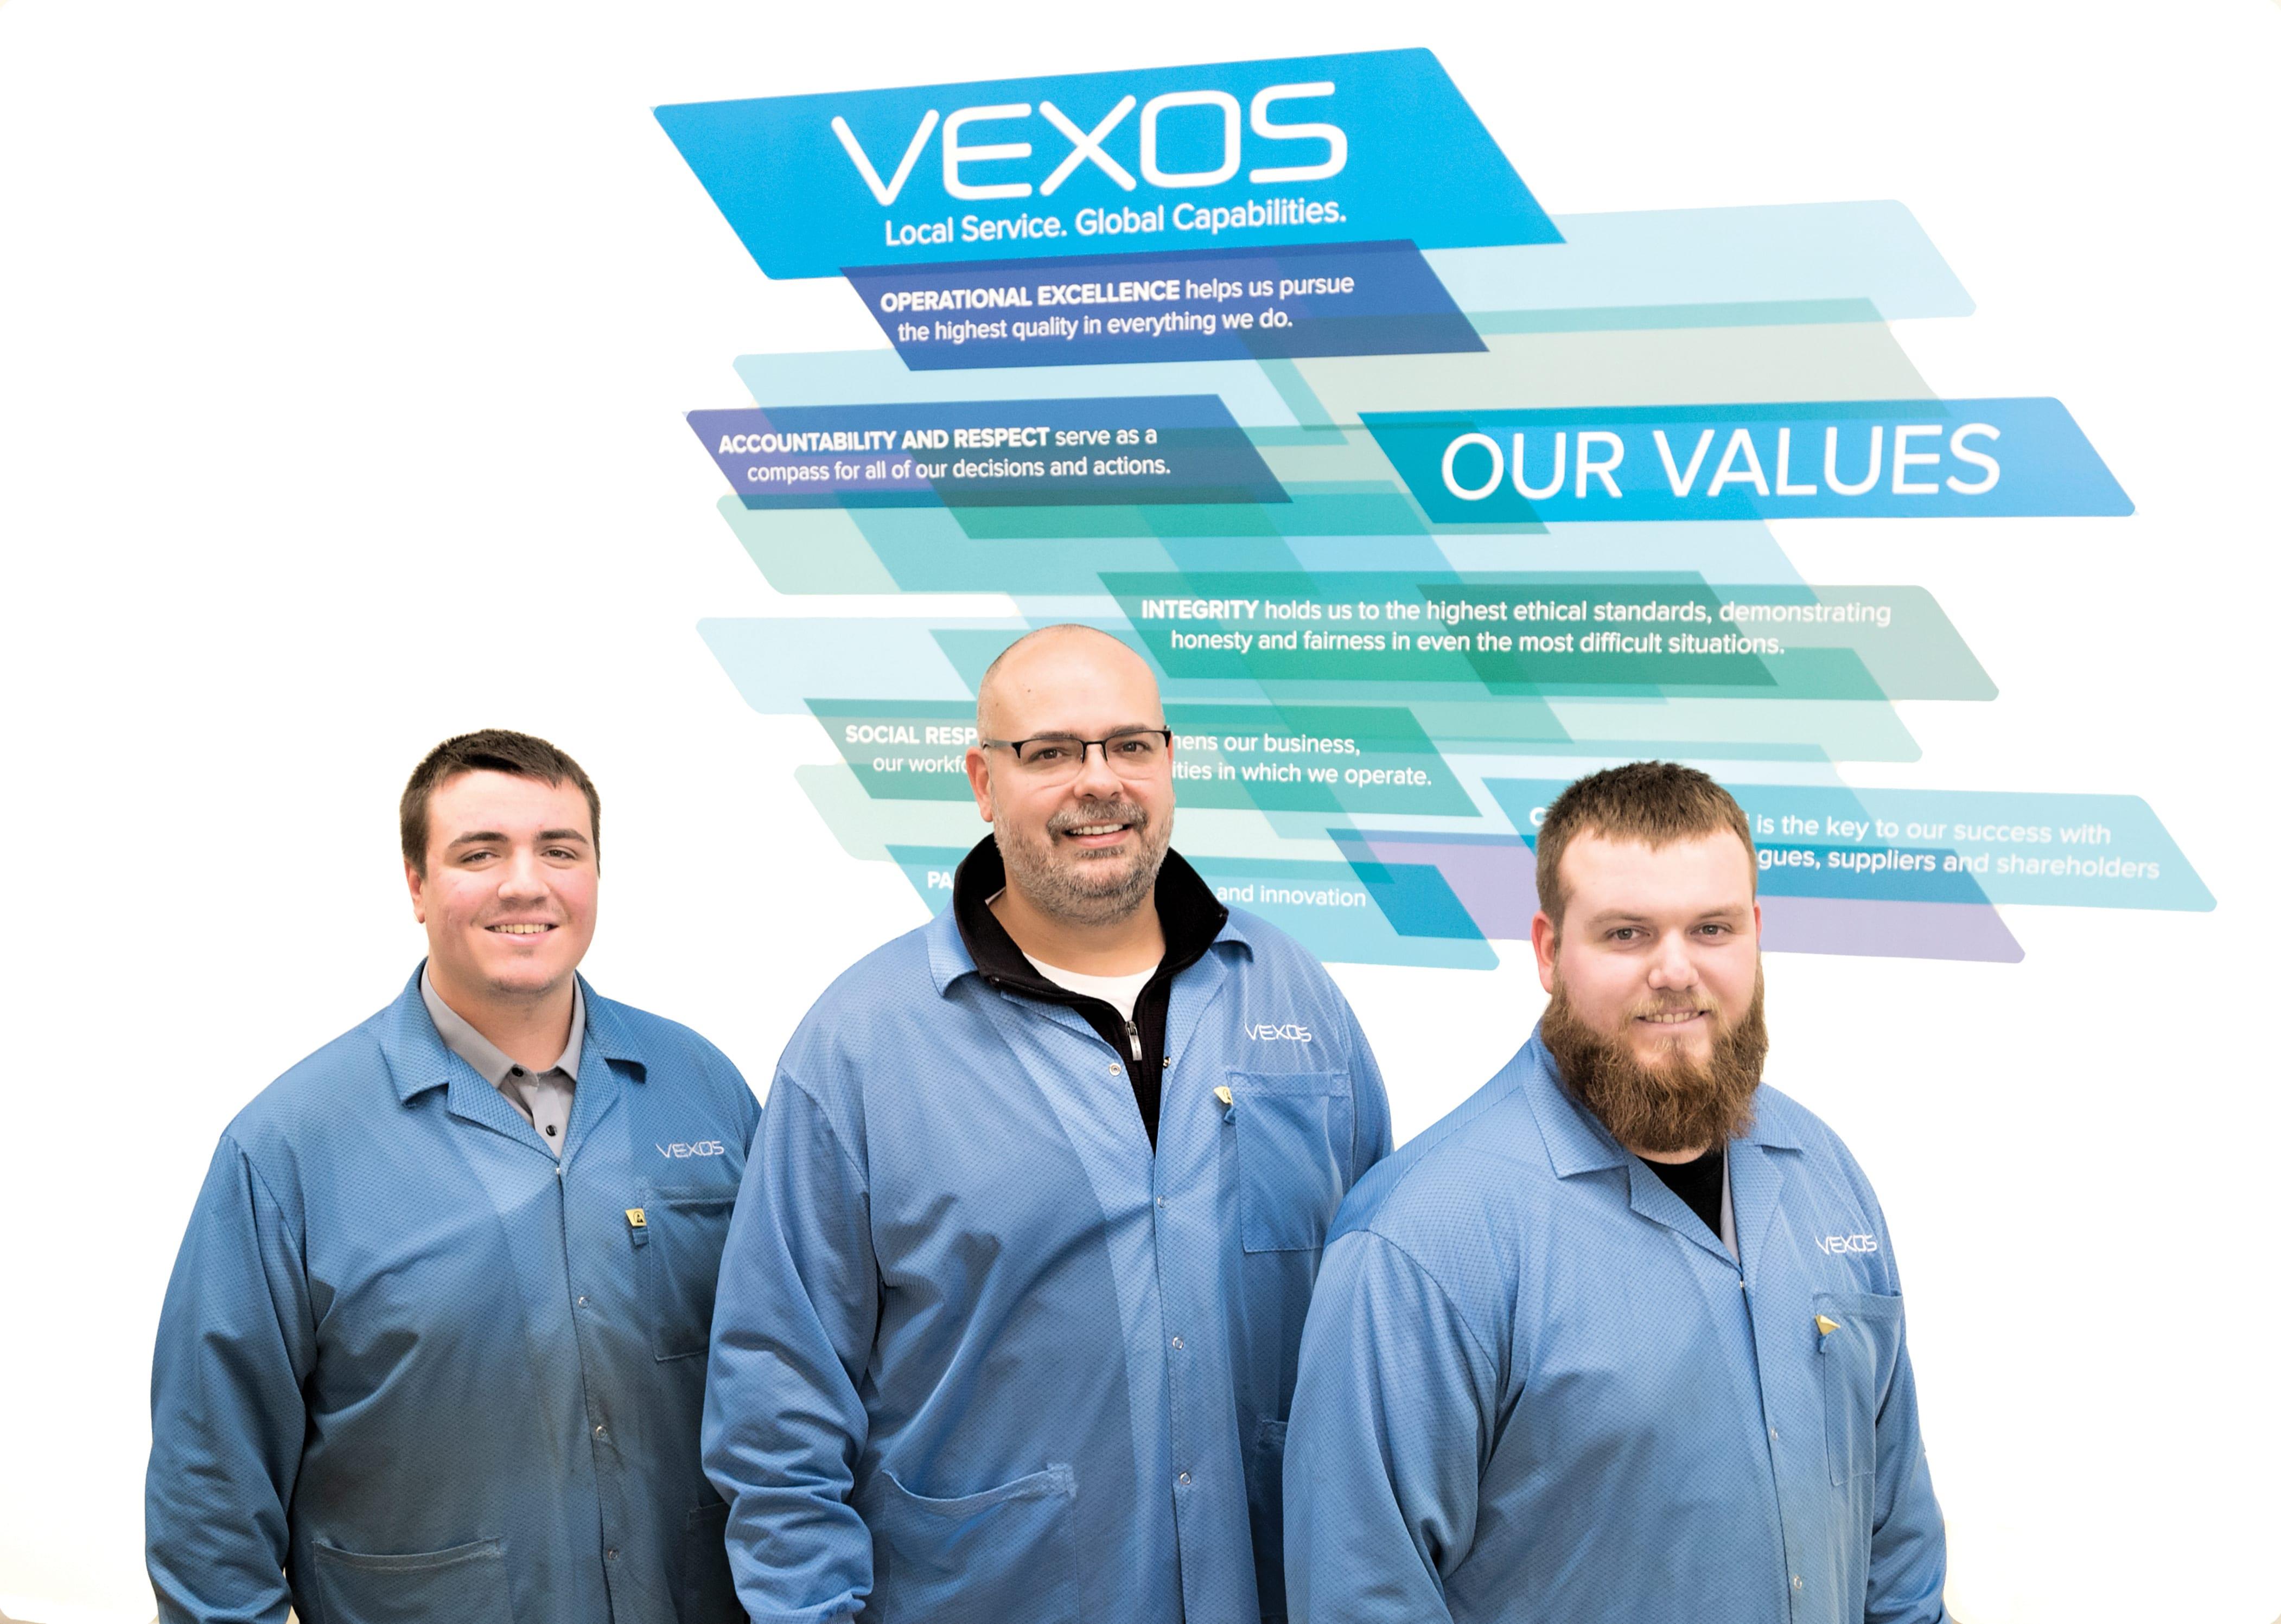 Trevor Zitek with coworkers at Vexos